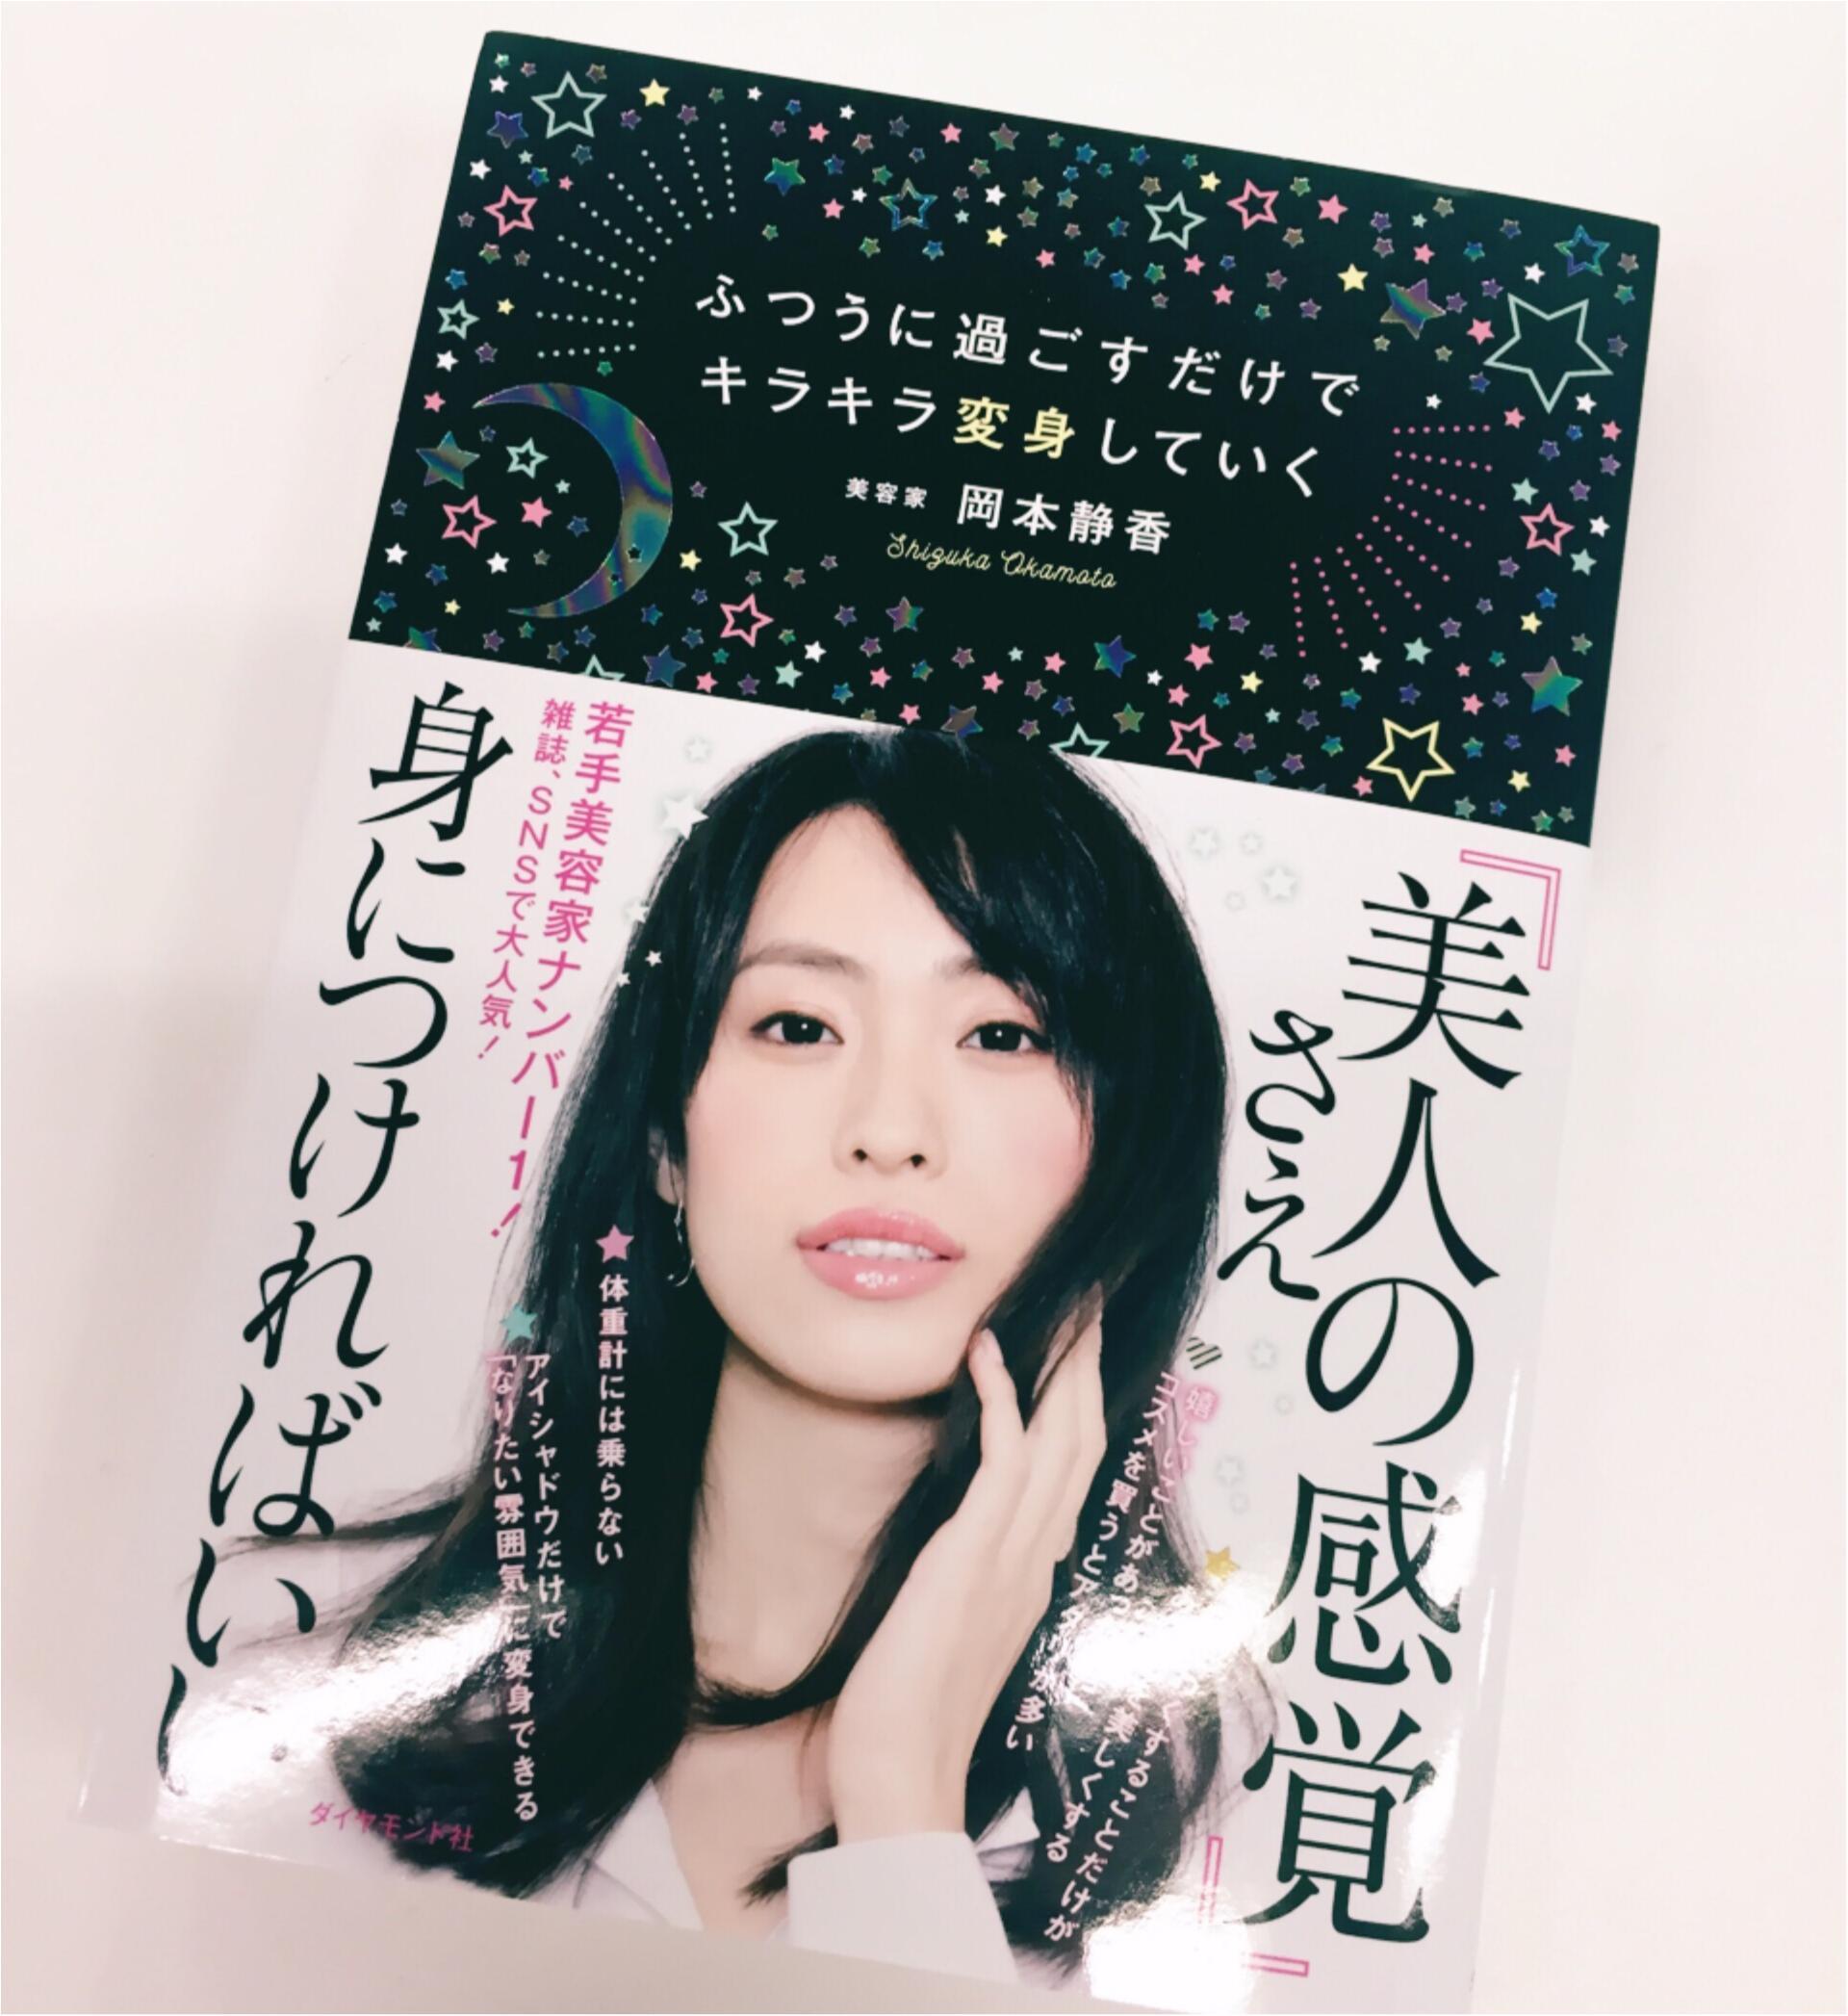 モアビューティズ岡本静香ちゃんの美のヒミツが1冊に!_1